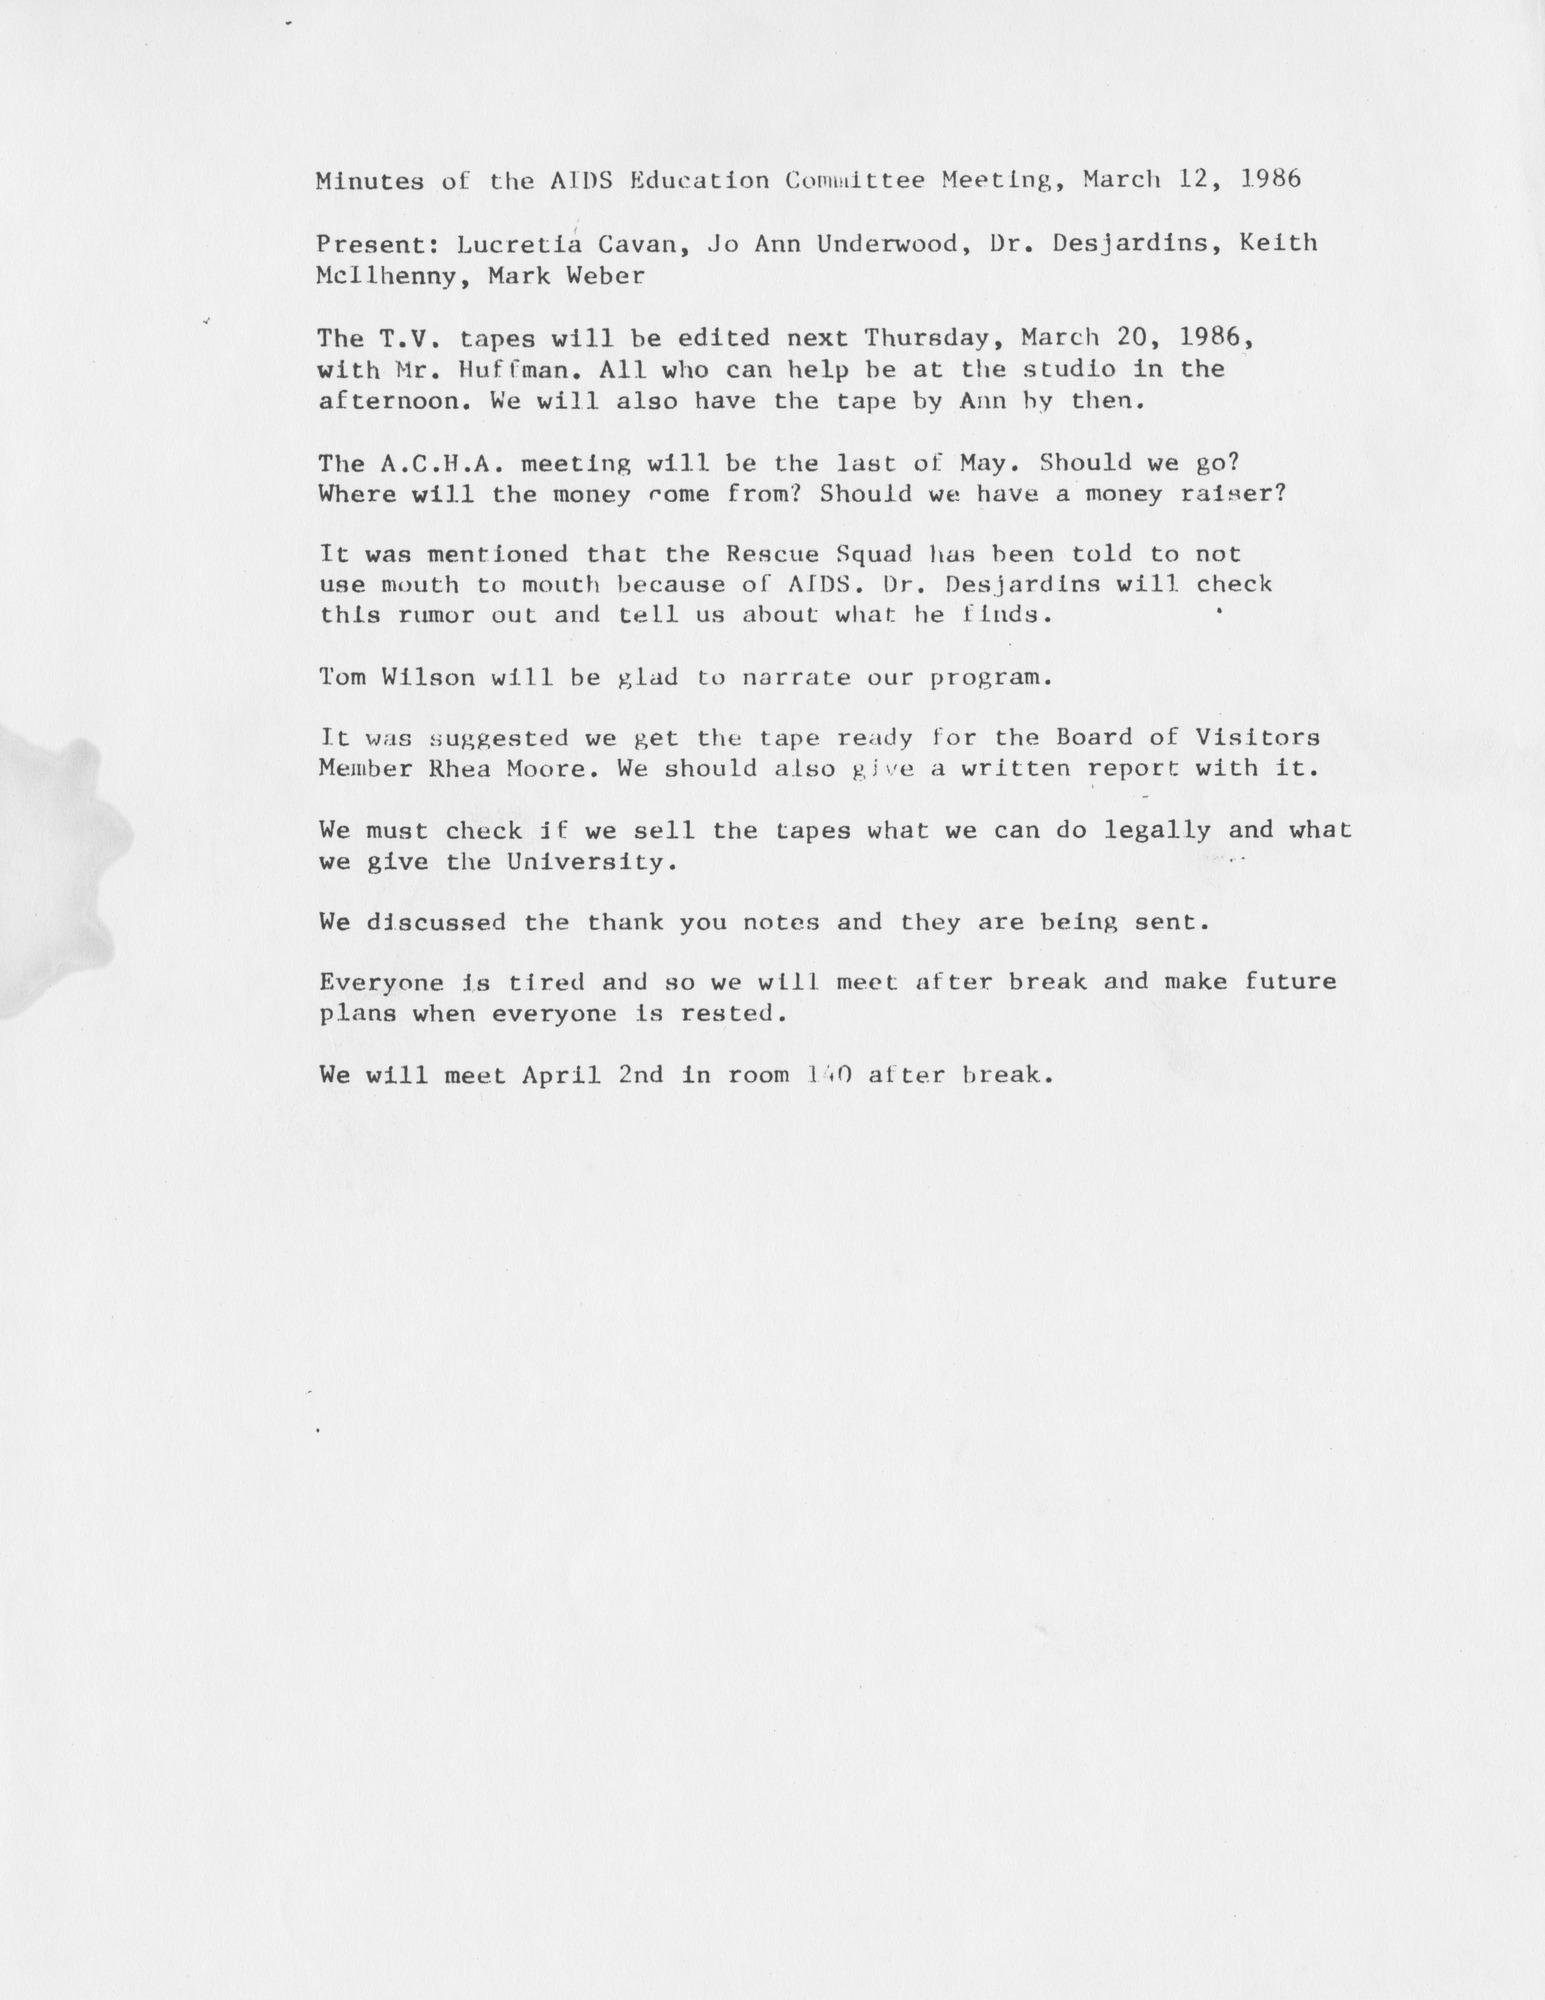 Ms2014-010_WeberMark_MinutesAIDSEducation_1986_0312.jpg